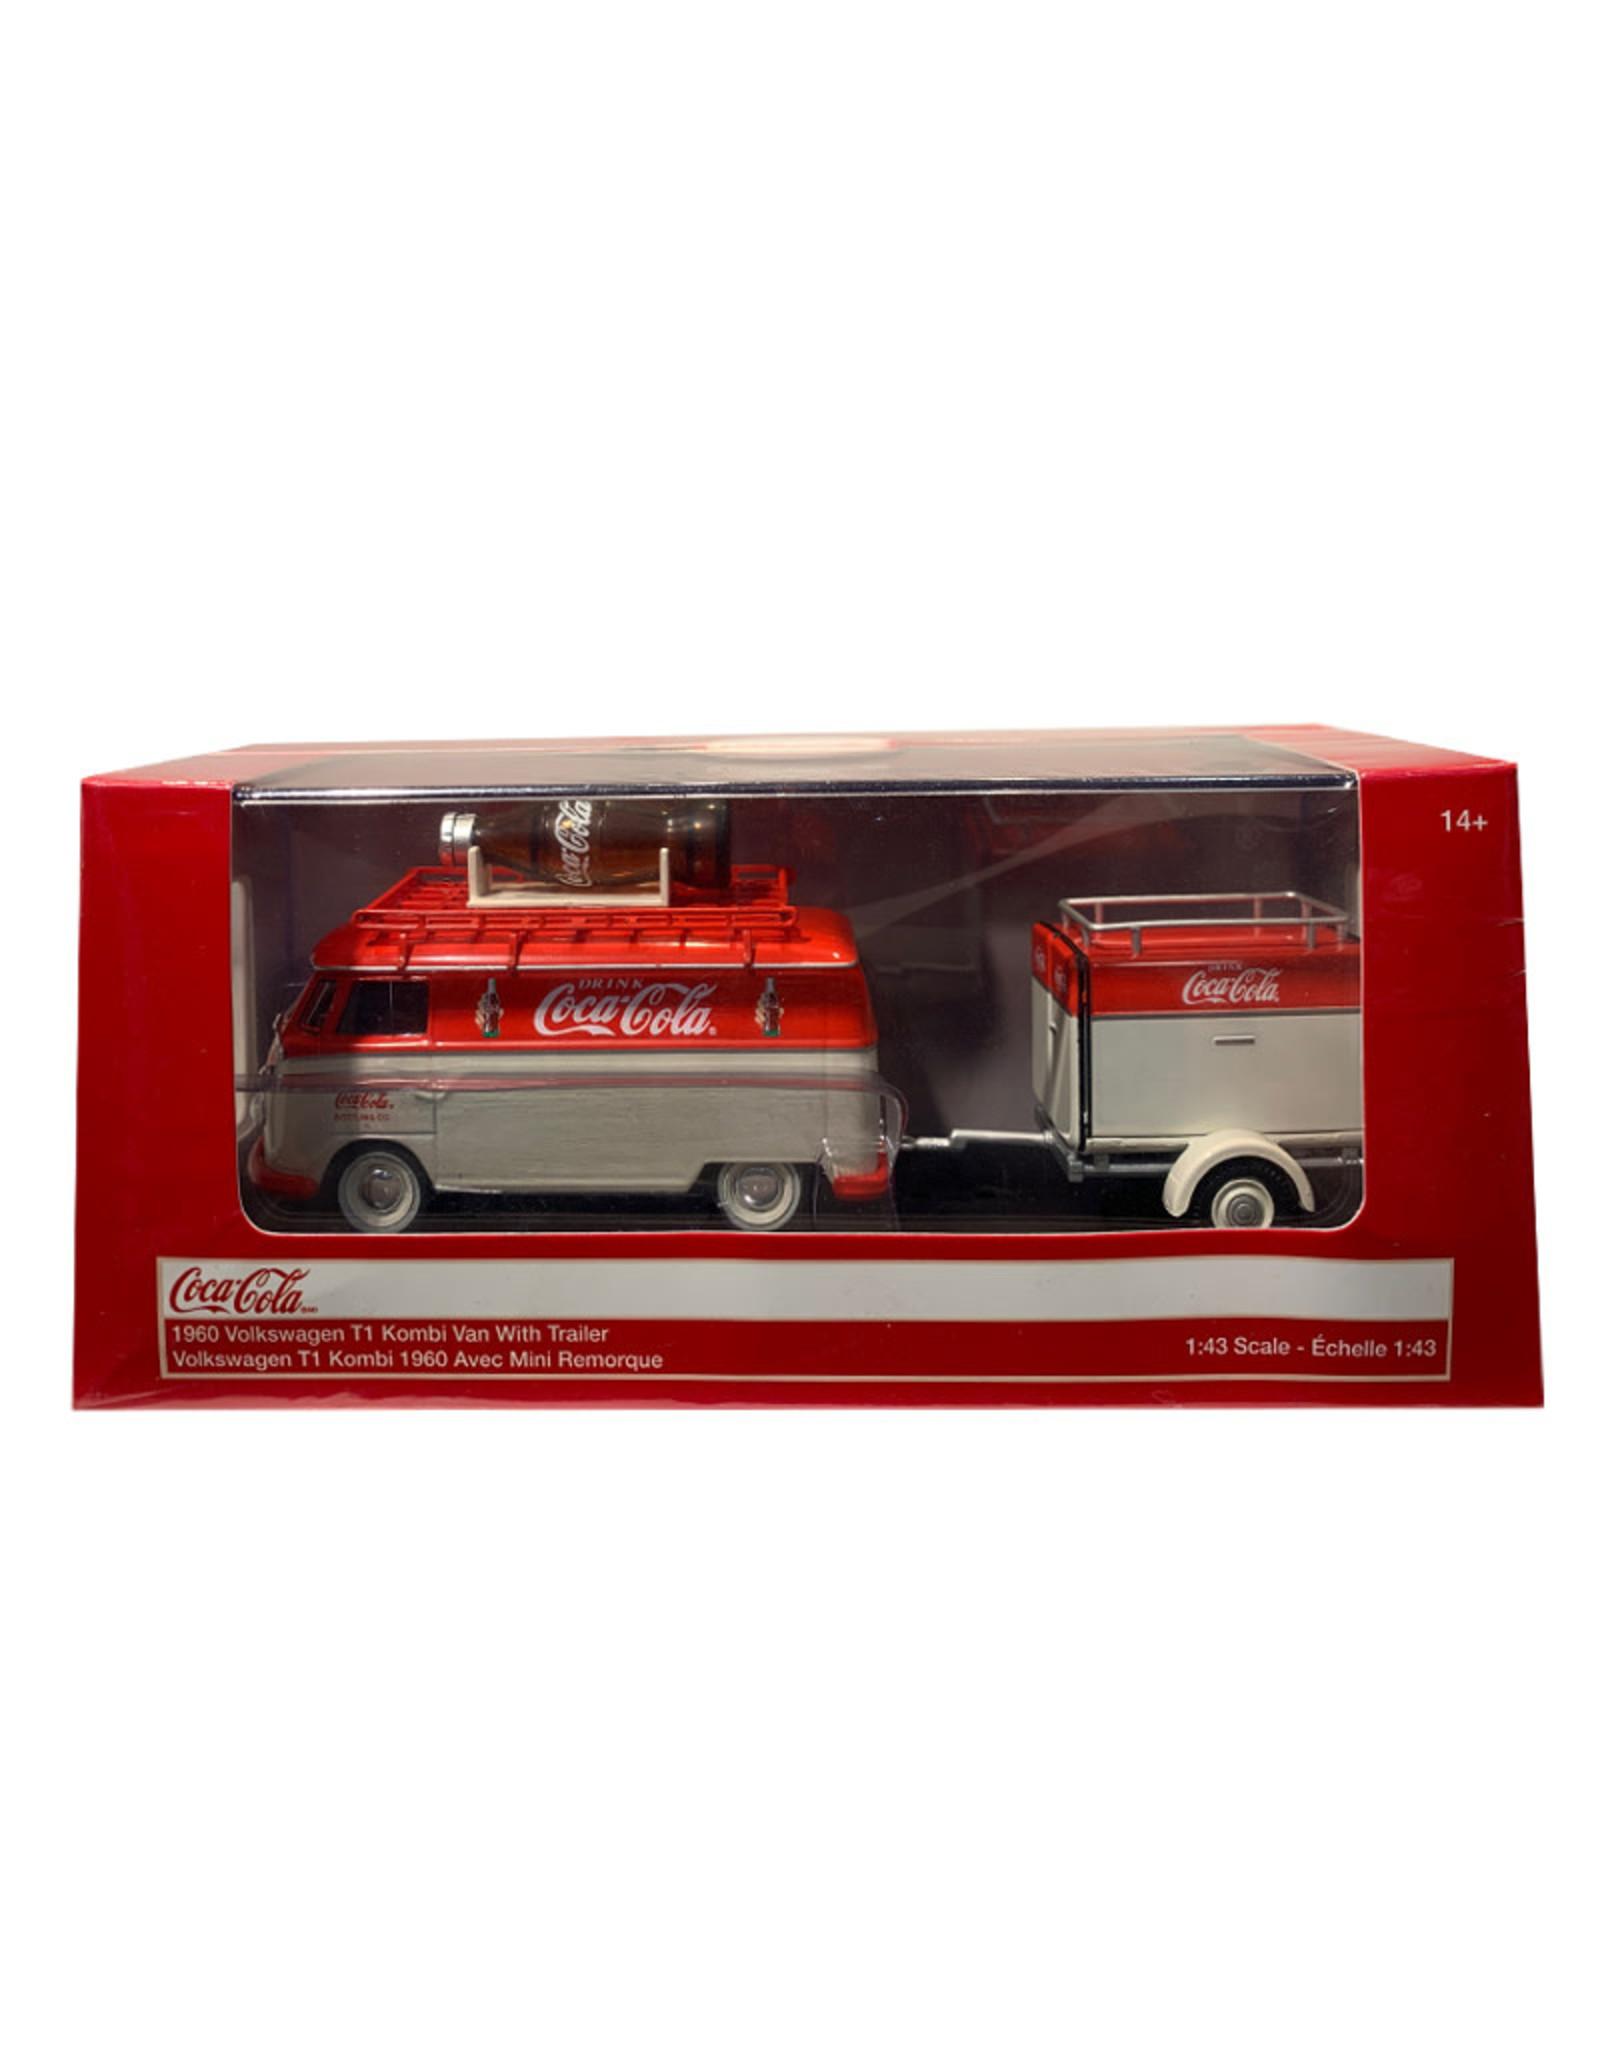 Coca-Cola Coca-Cola ( Die Cast ) 1960 Volkswagen T1 Kombi Van With Trailer